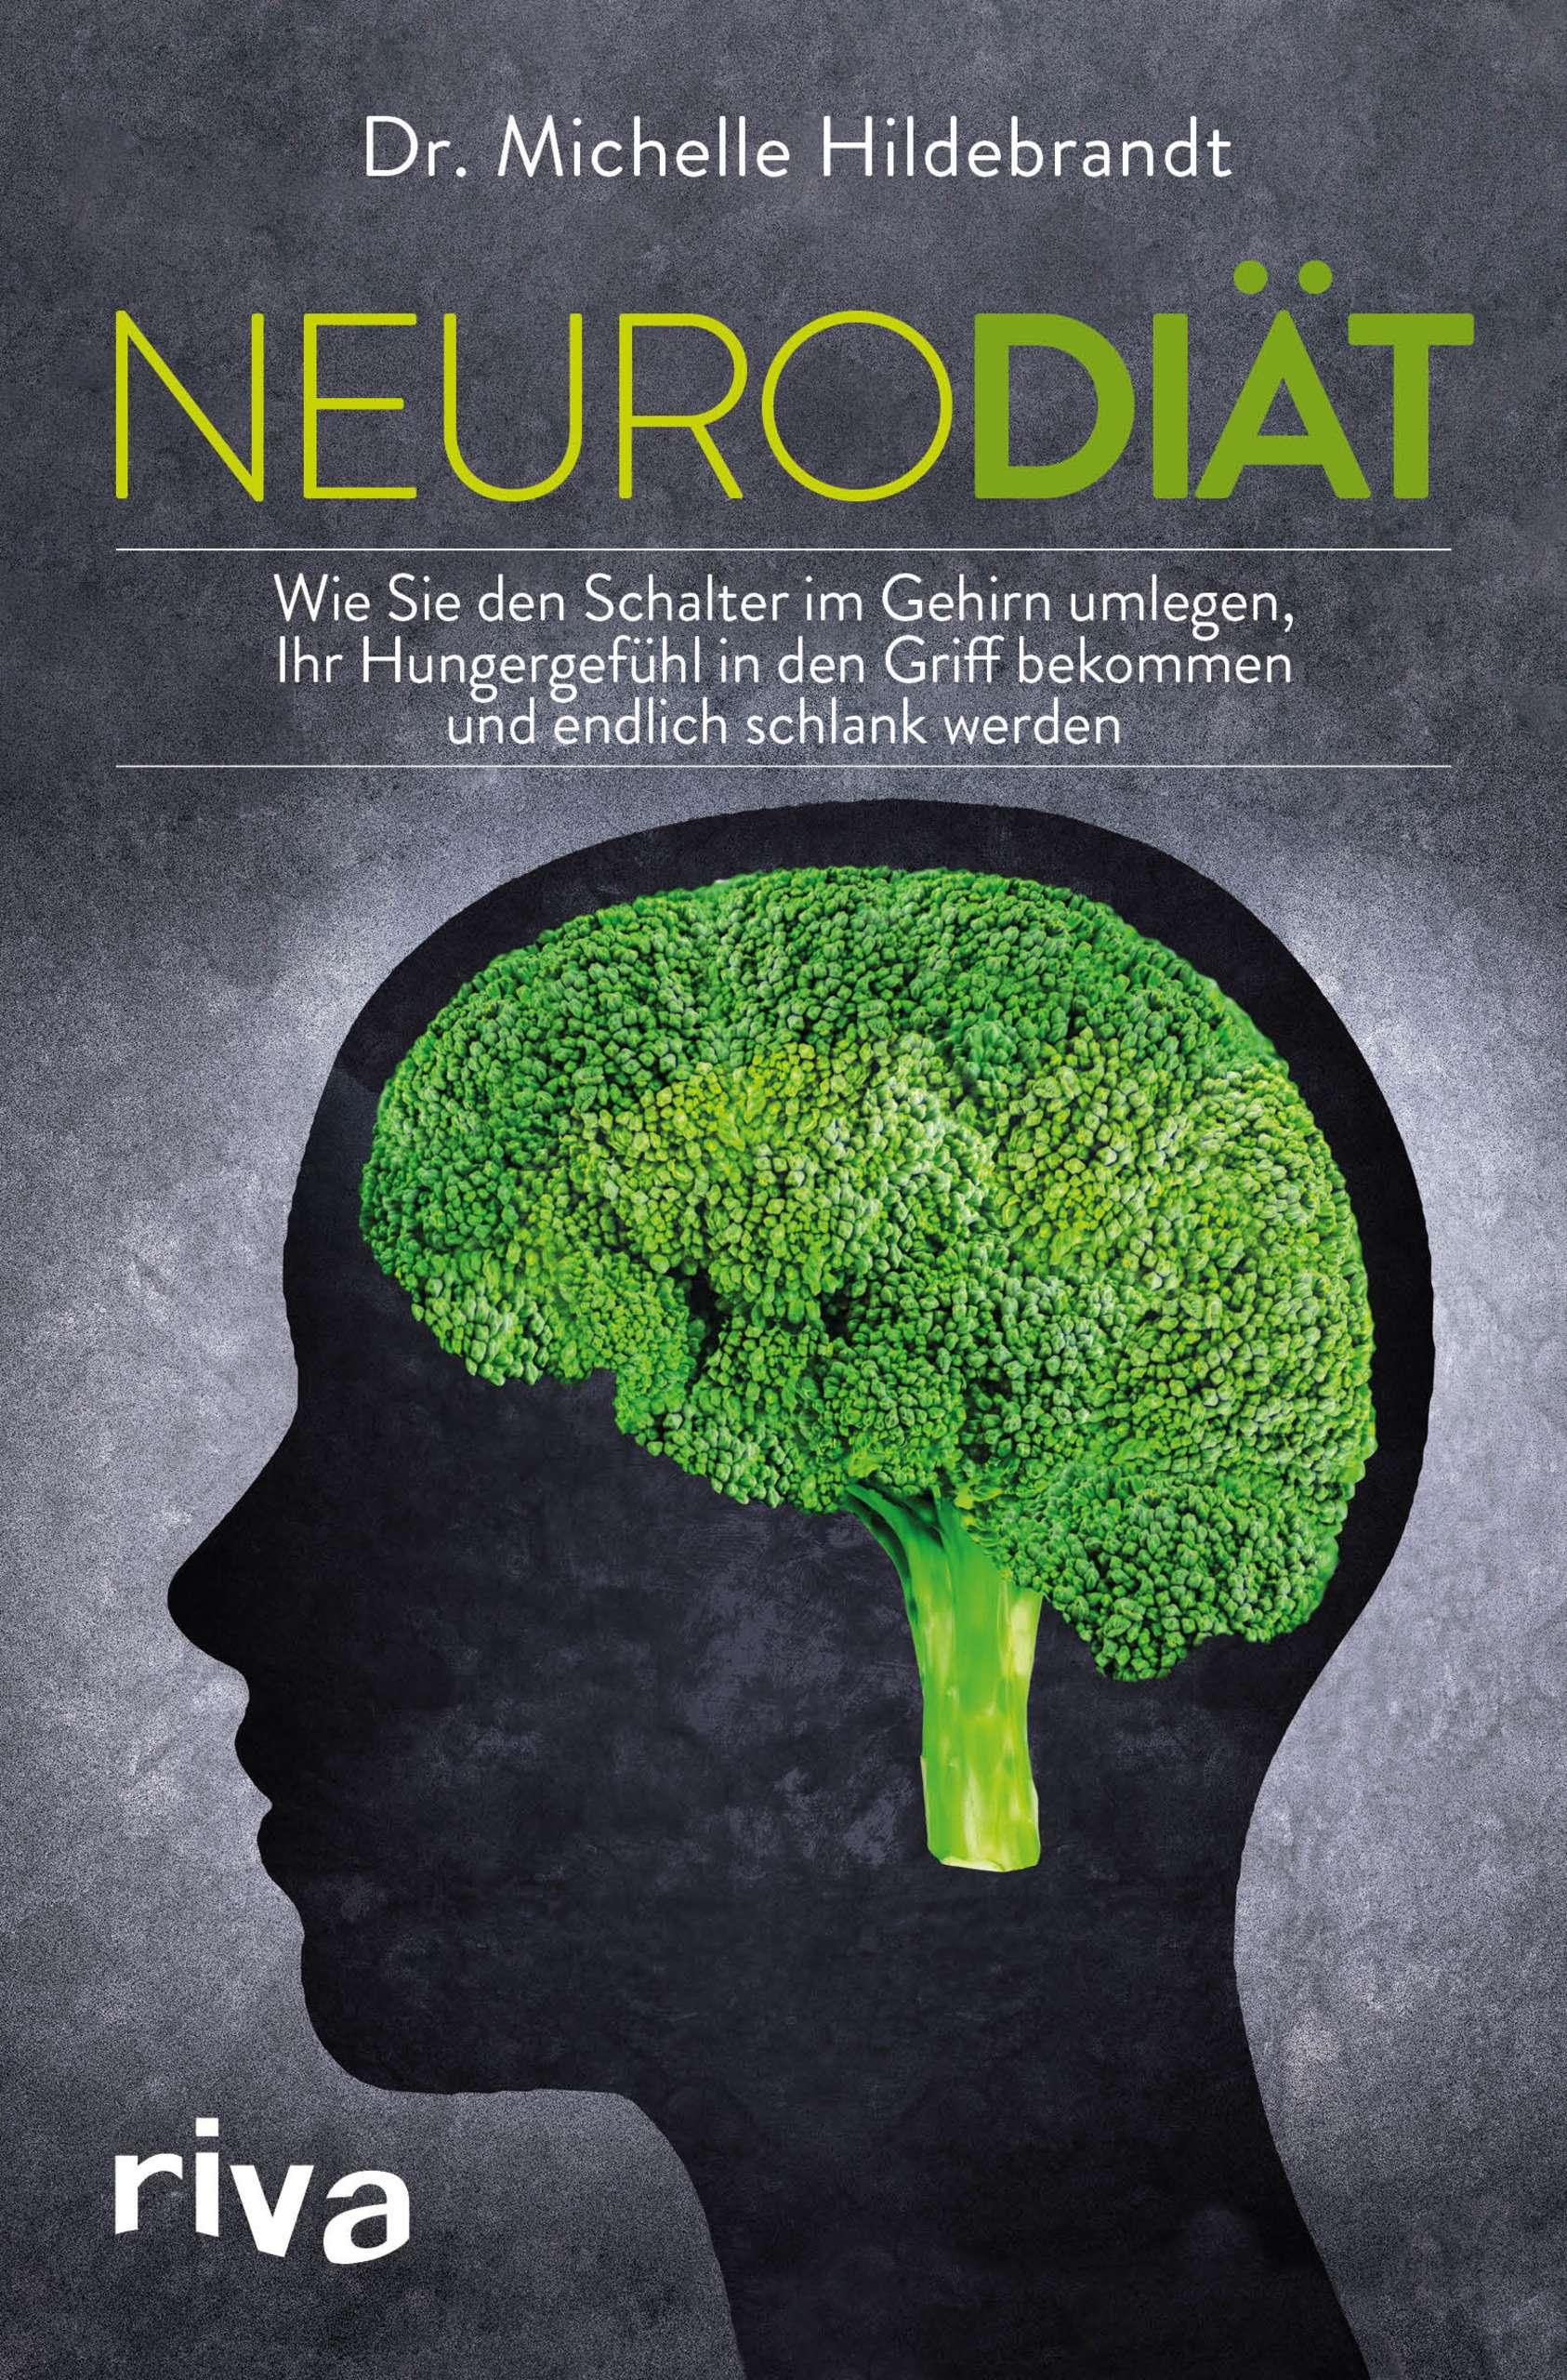 """Cover, """"Neurodiät"""" von Dr. Michelle Hildebrandt © riva Yogannetteblog.de"""